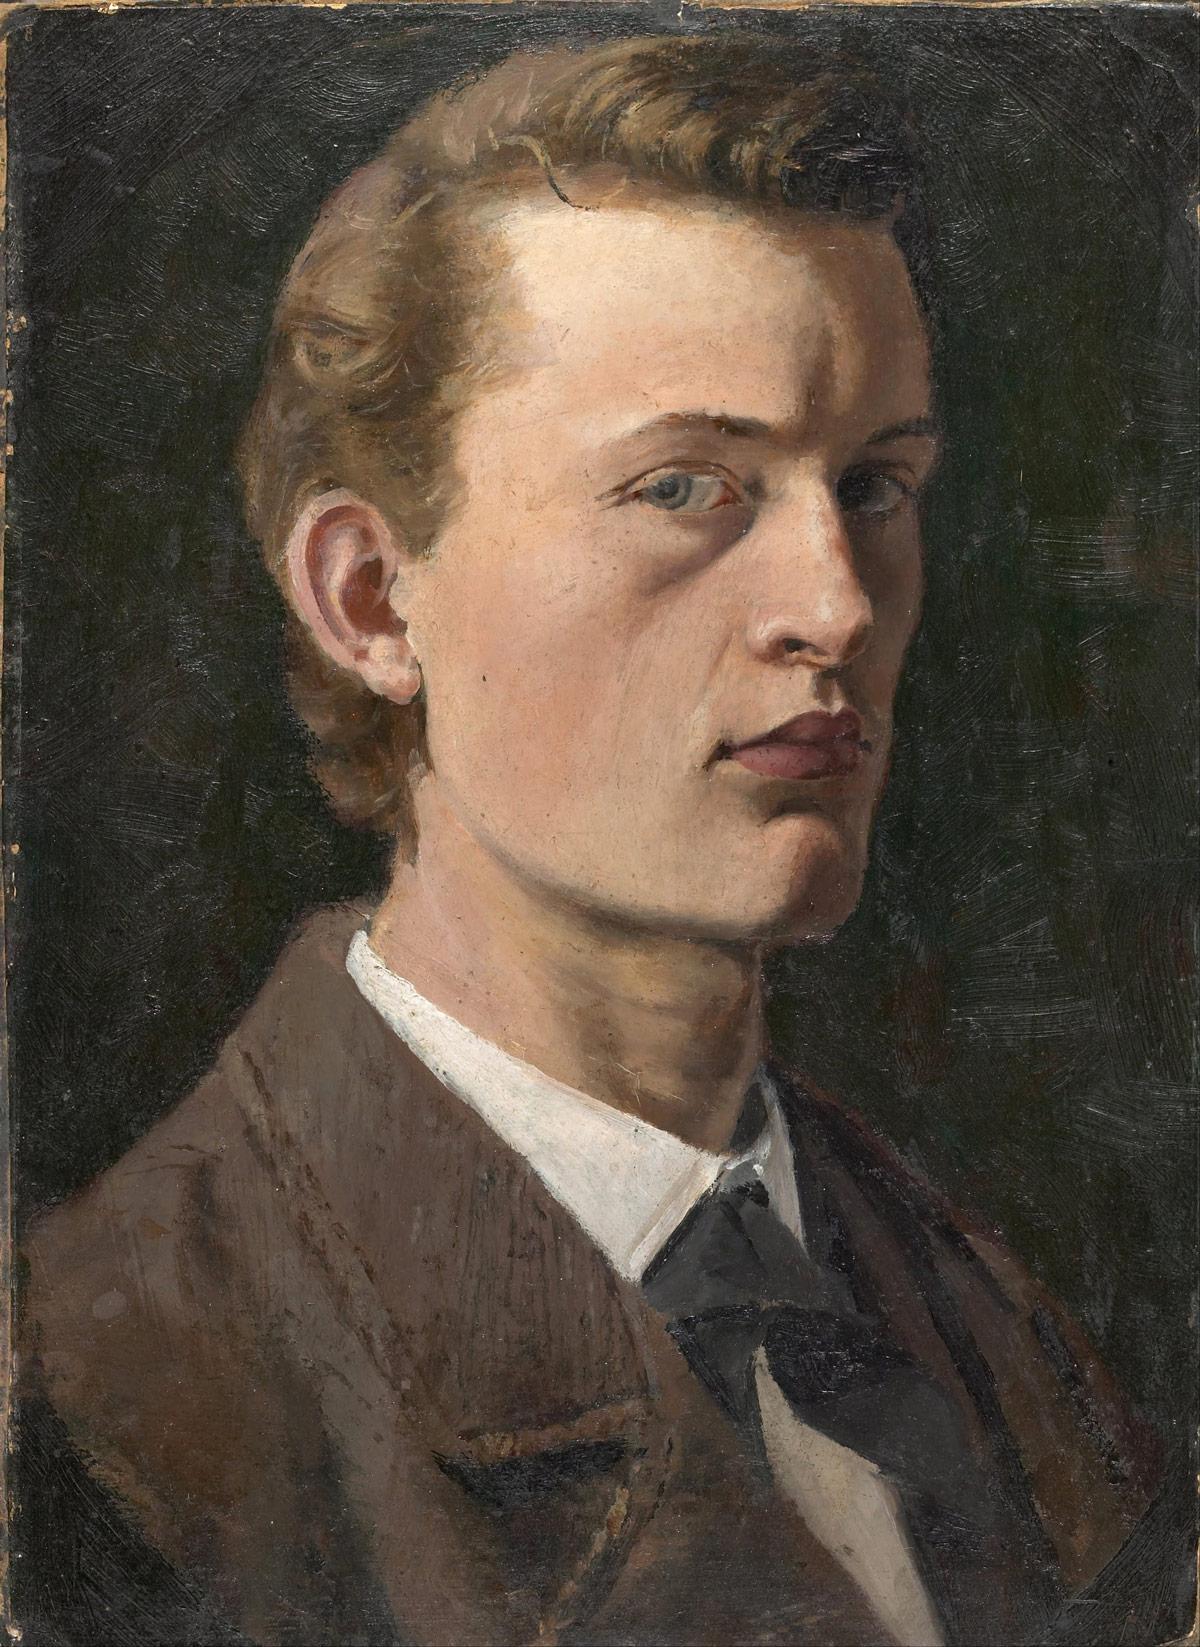 Edvard Munch. Selvportrett fra 1881 - 1882